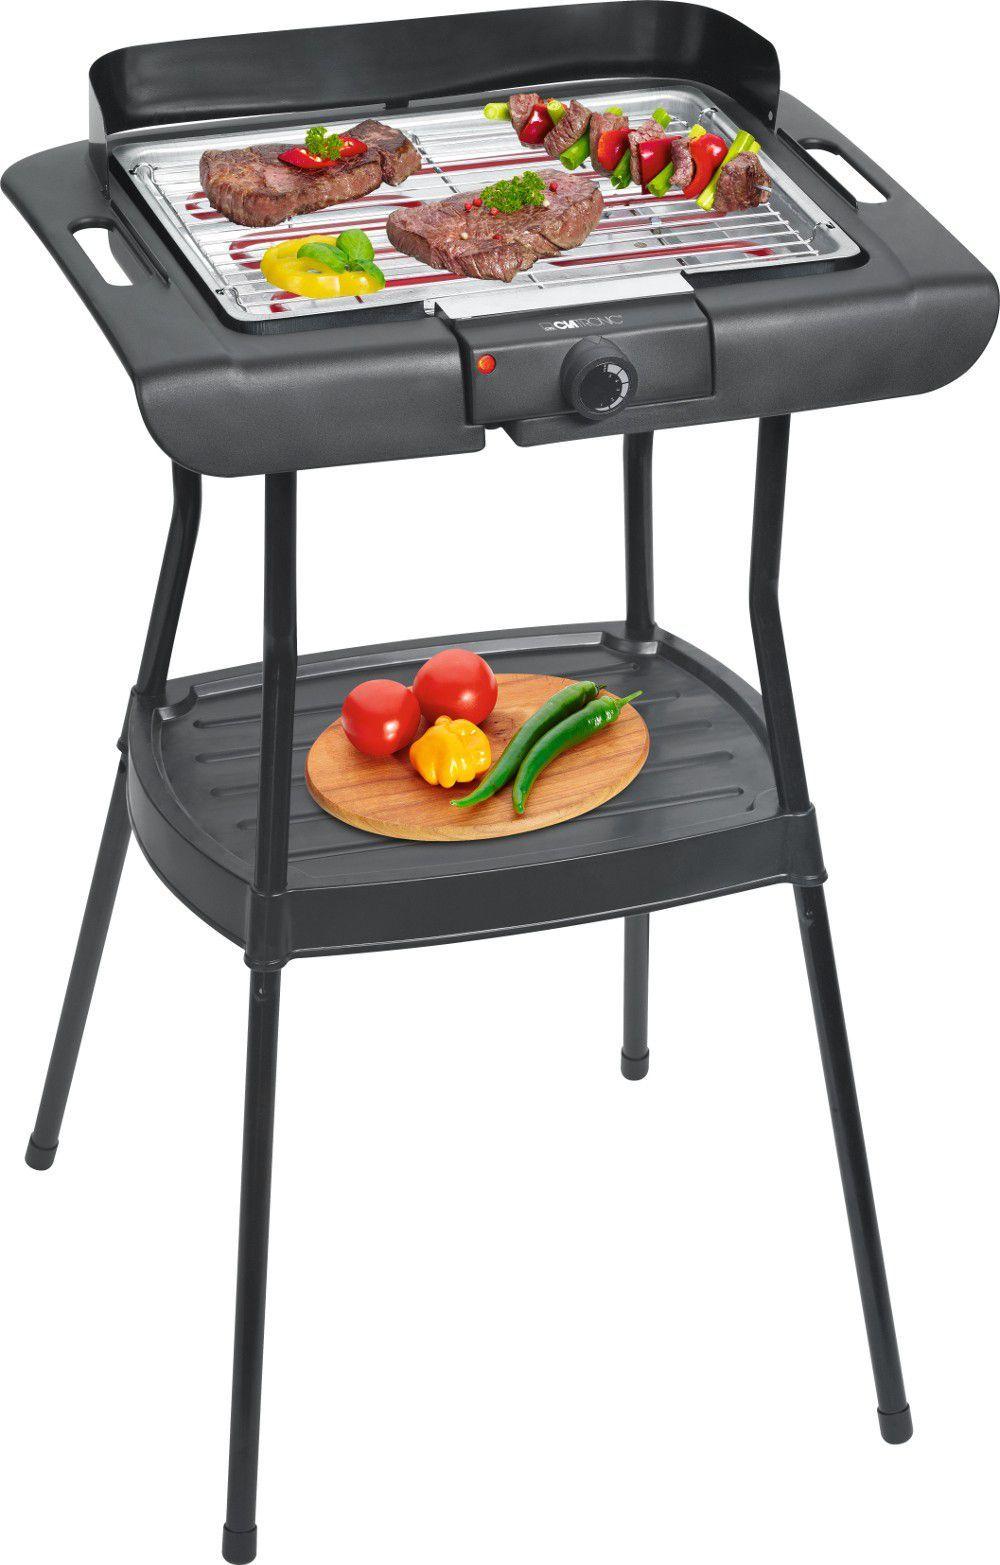 Clatronic Grill 2w1 ogrodowo-stołowy elektryczny ruszt 35x24 cm BQS 3508 1